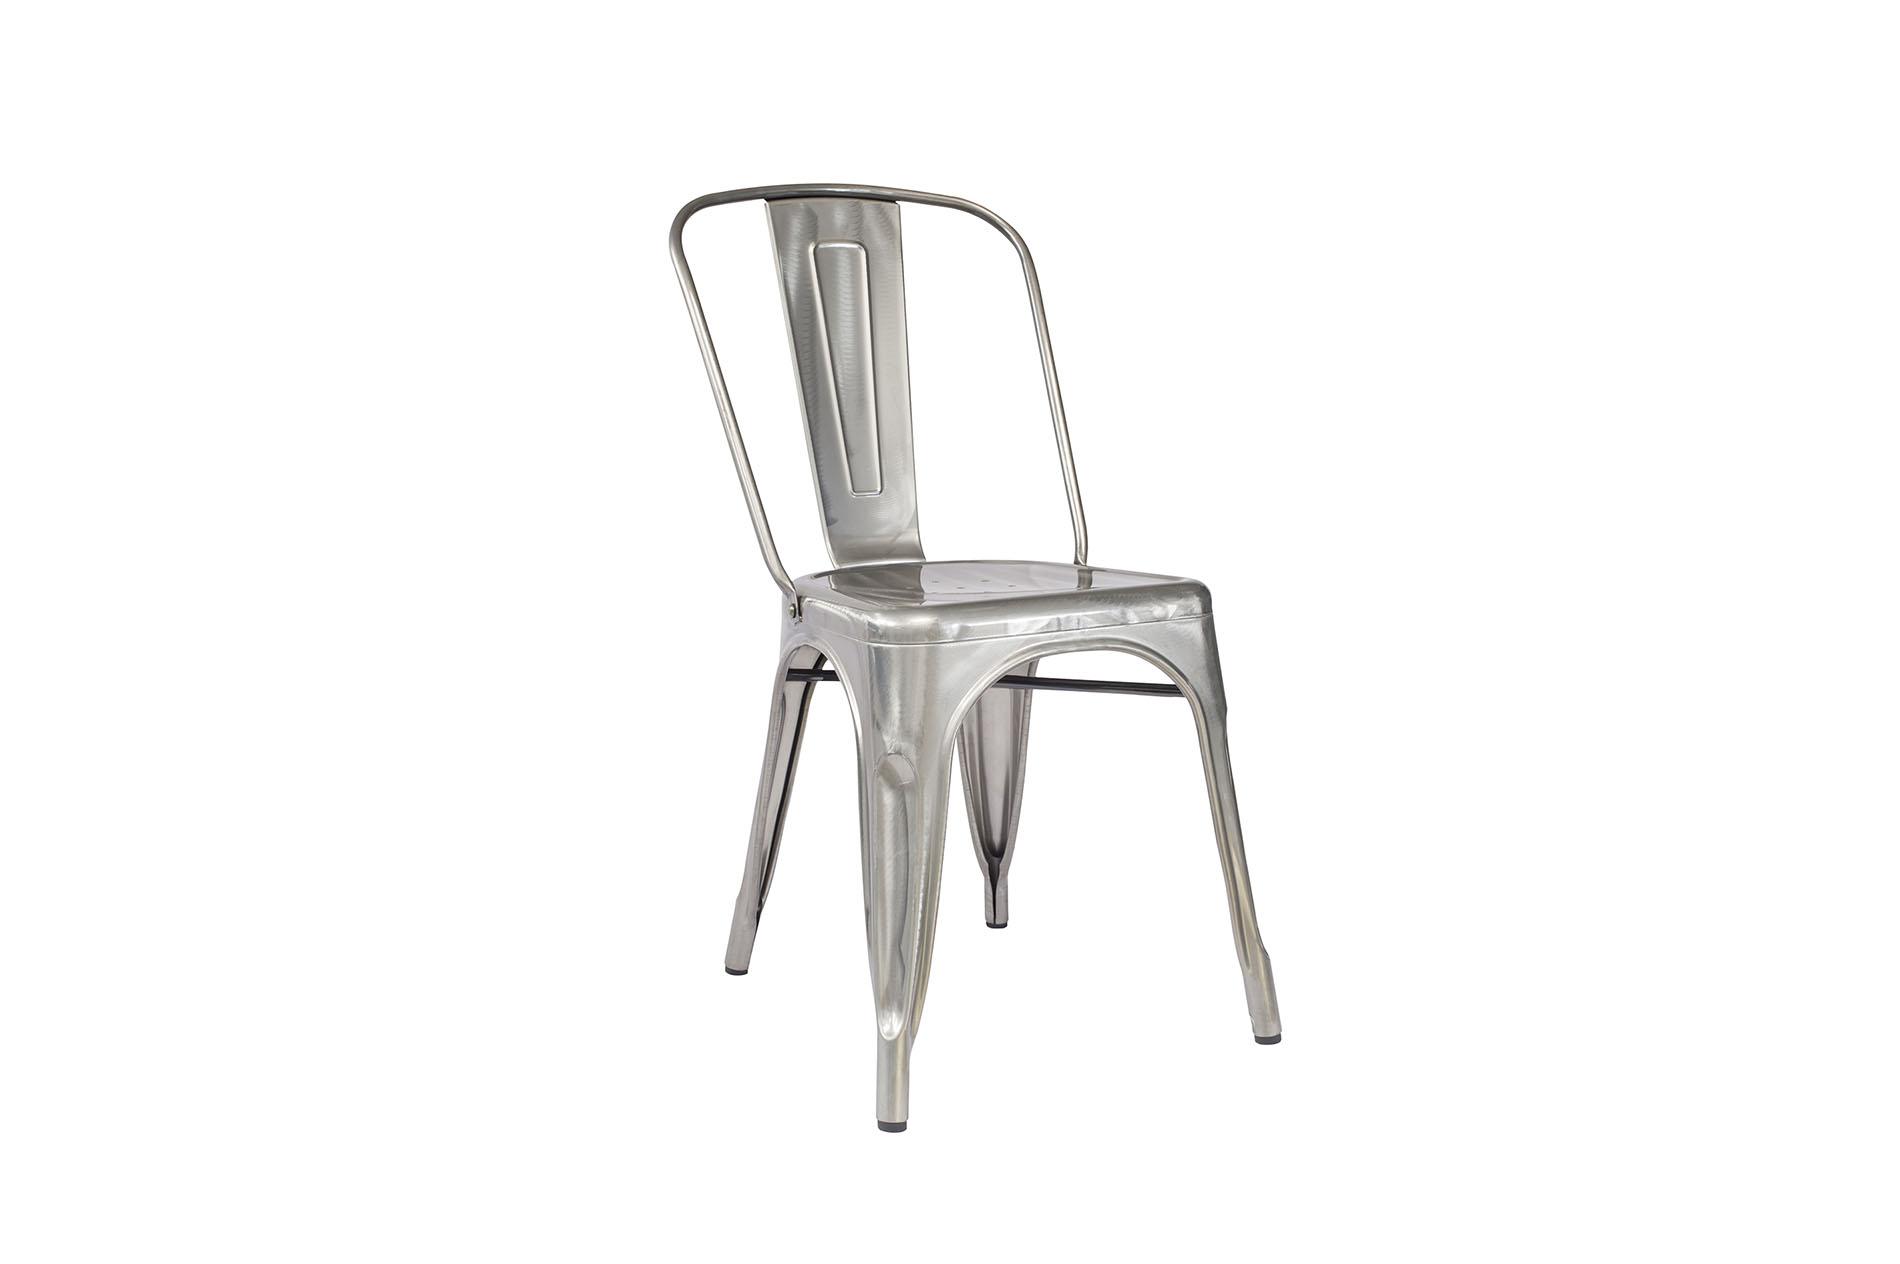 foto catalogo digital lombardi espacios muebles cdmx silla